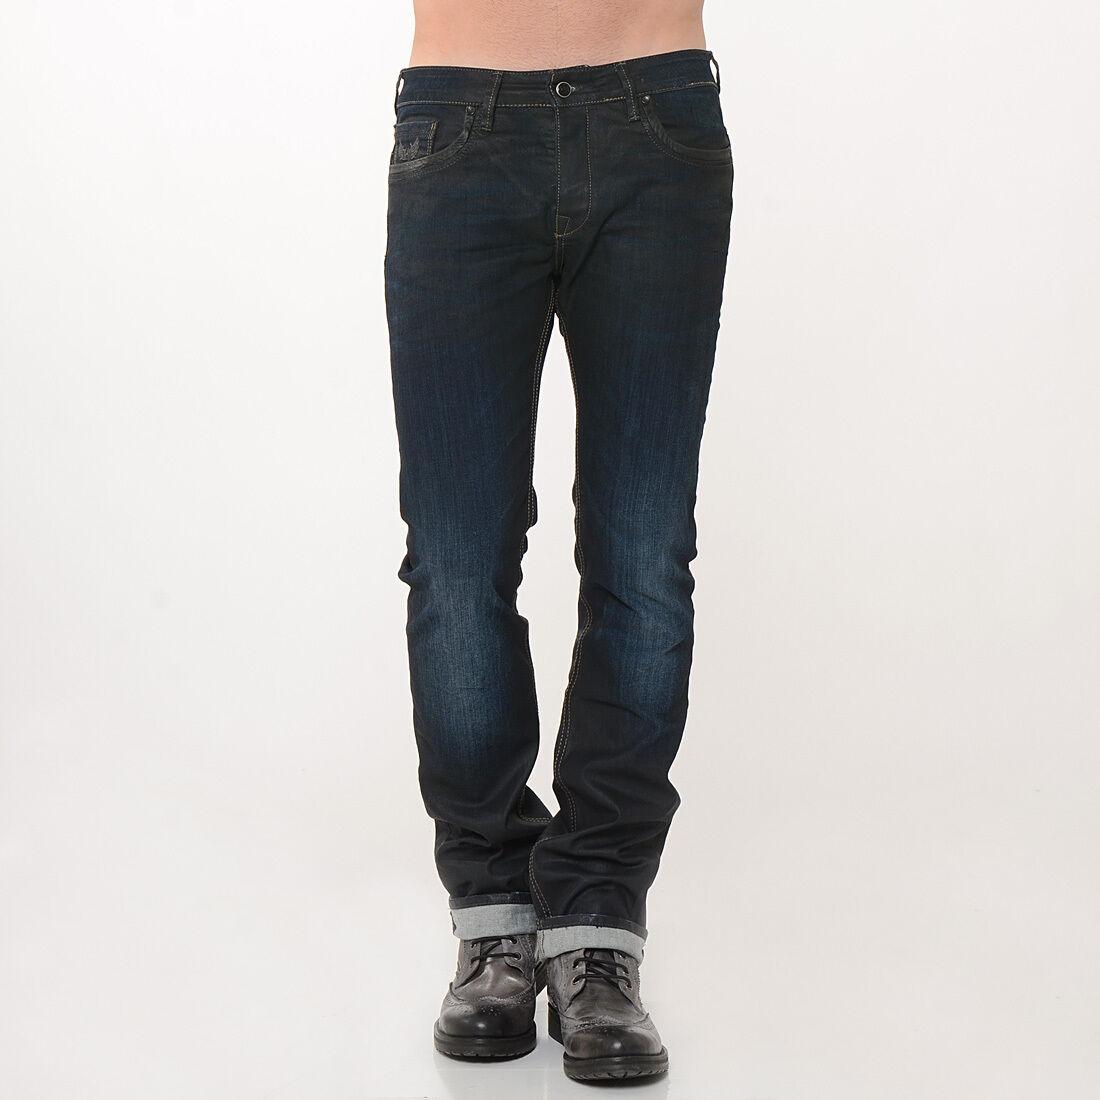 jeans jean kaporal MAX Azul negro BBK pas cher, ble homme à 59,90 €